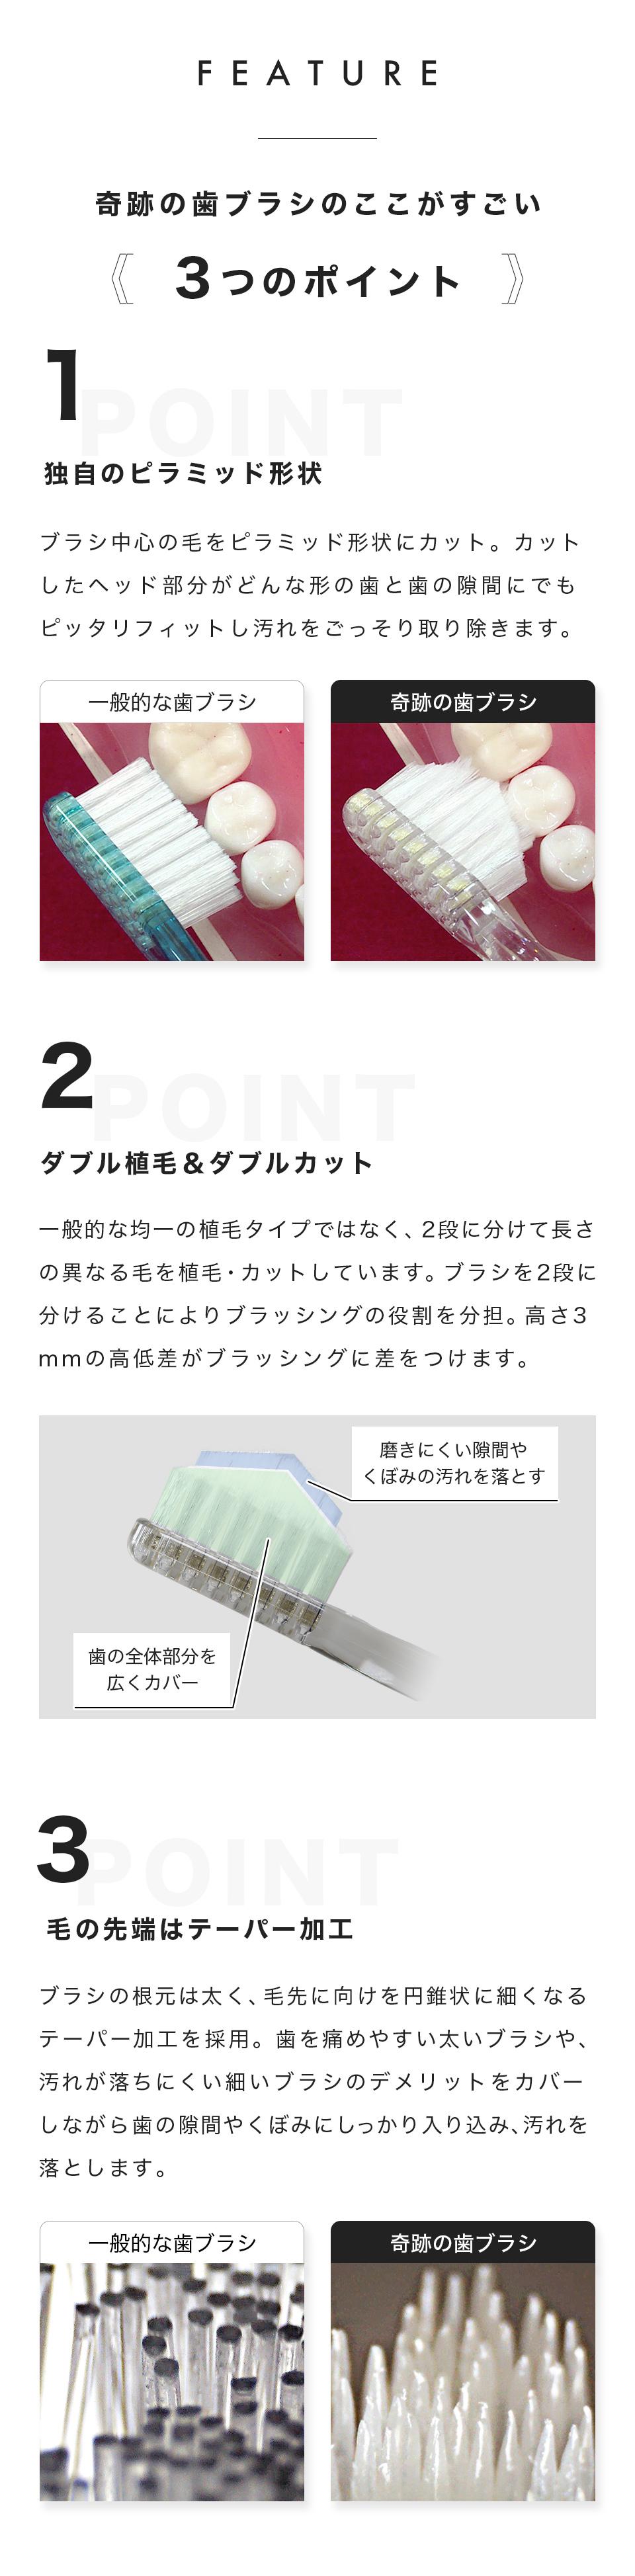 特徴 奇跡の歯ブラシのここがすごい3つのポイント